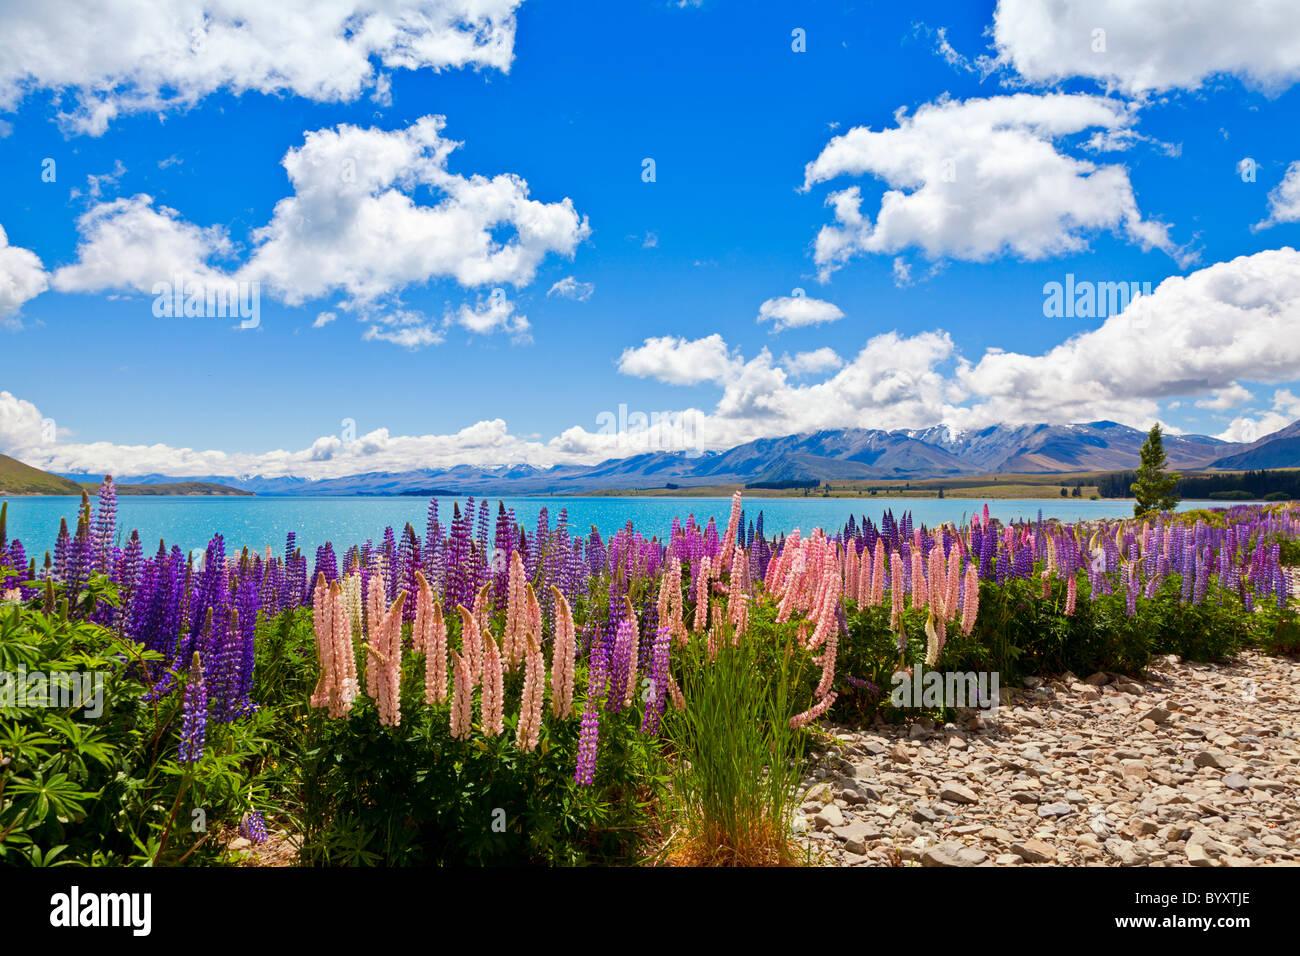 Lupin fiori di campo sulla riva del Lago Tekapo in Nuova Zelanda Immagini Stock